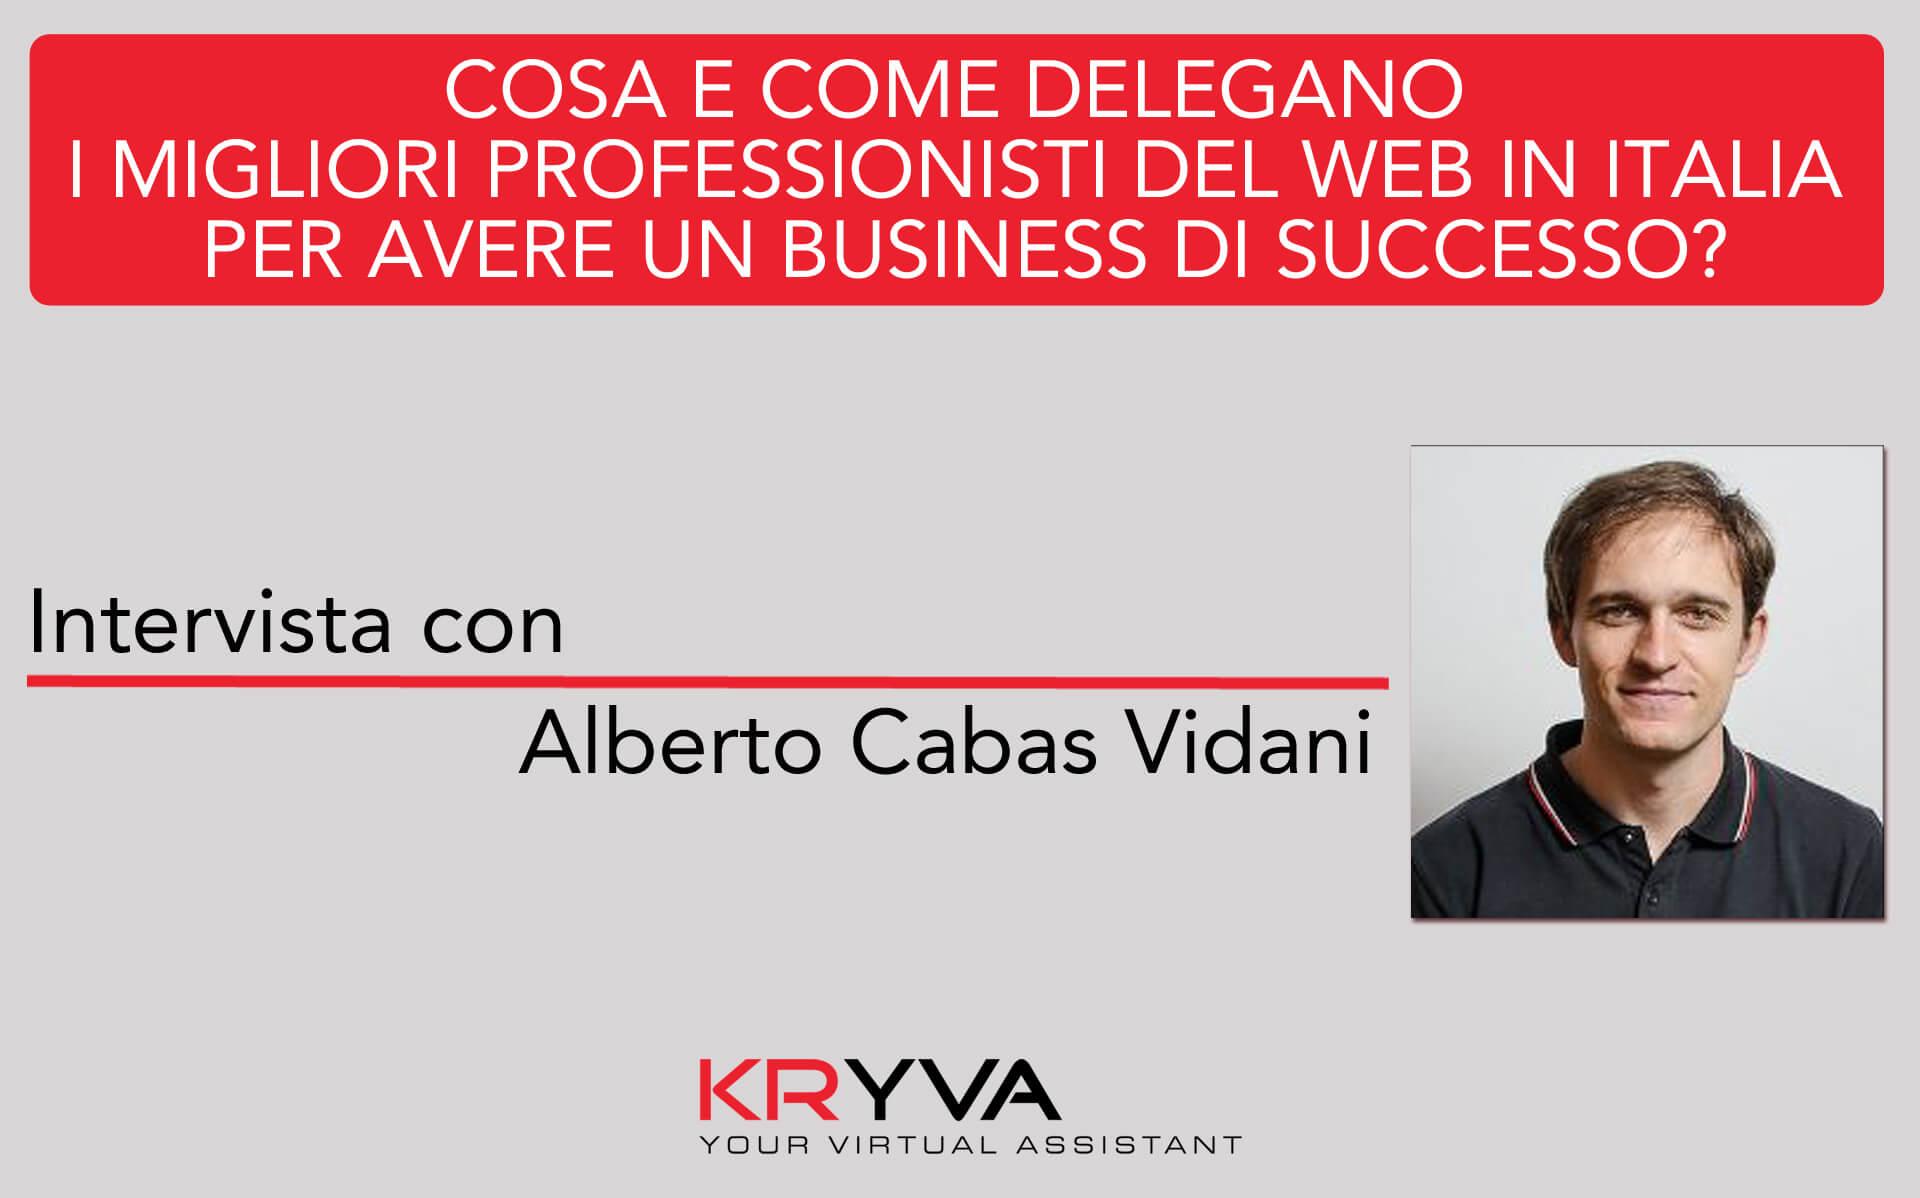 La possibilità di delegare come molla imprenditoriale | Intervista con Alberto Cabas Vidani.